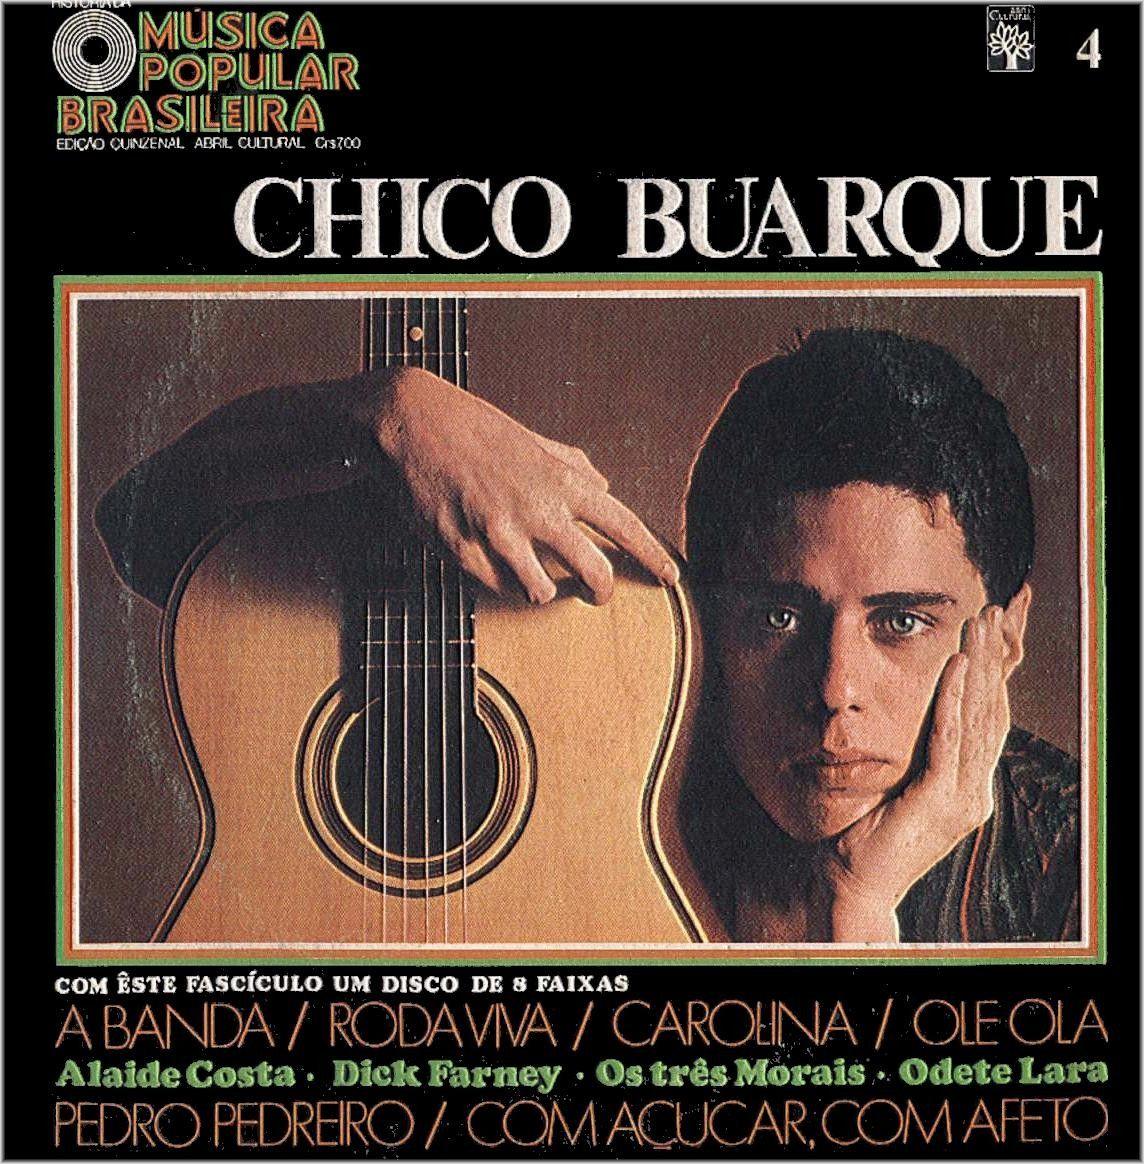 Chico Buarque - 1970